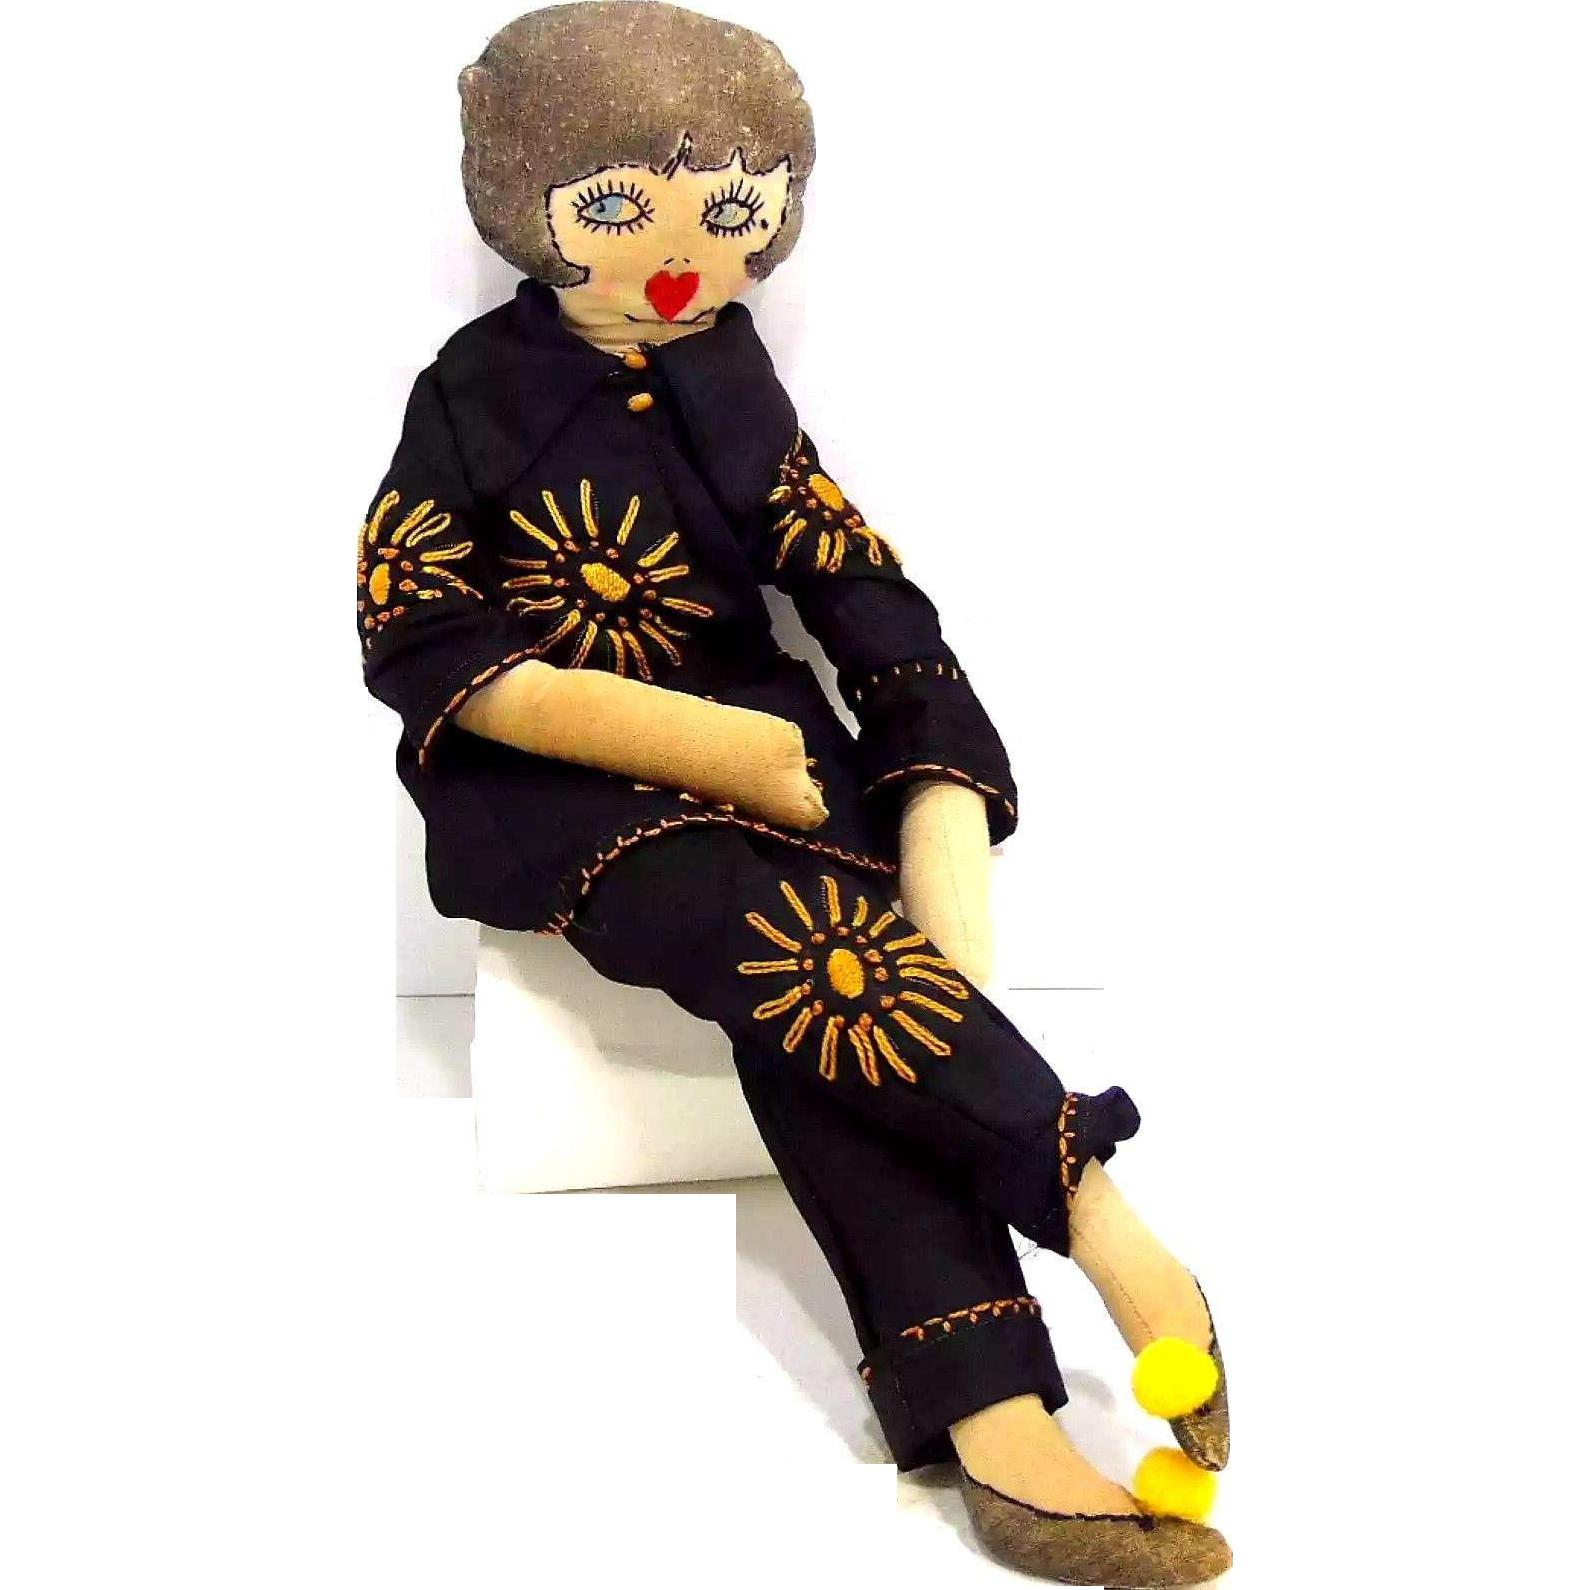 Deco Flapper Boudoir Doll